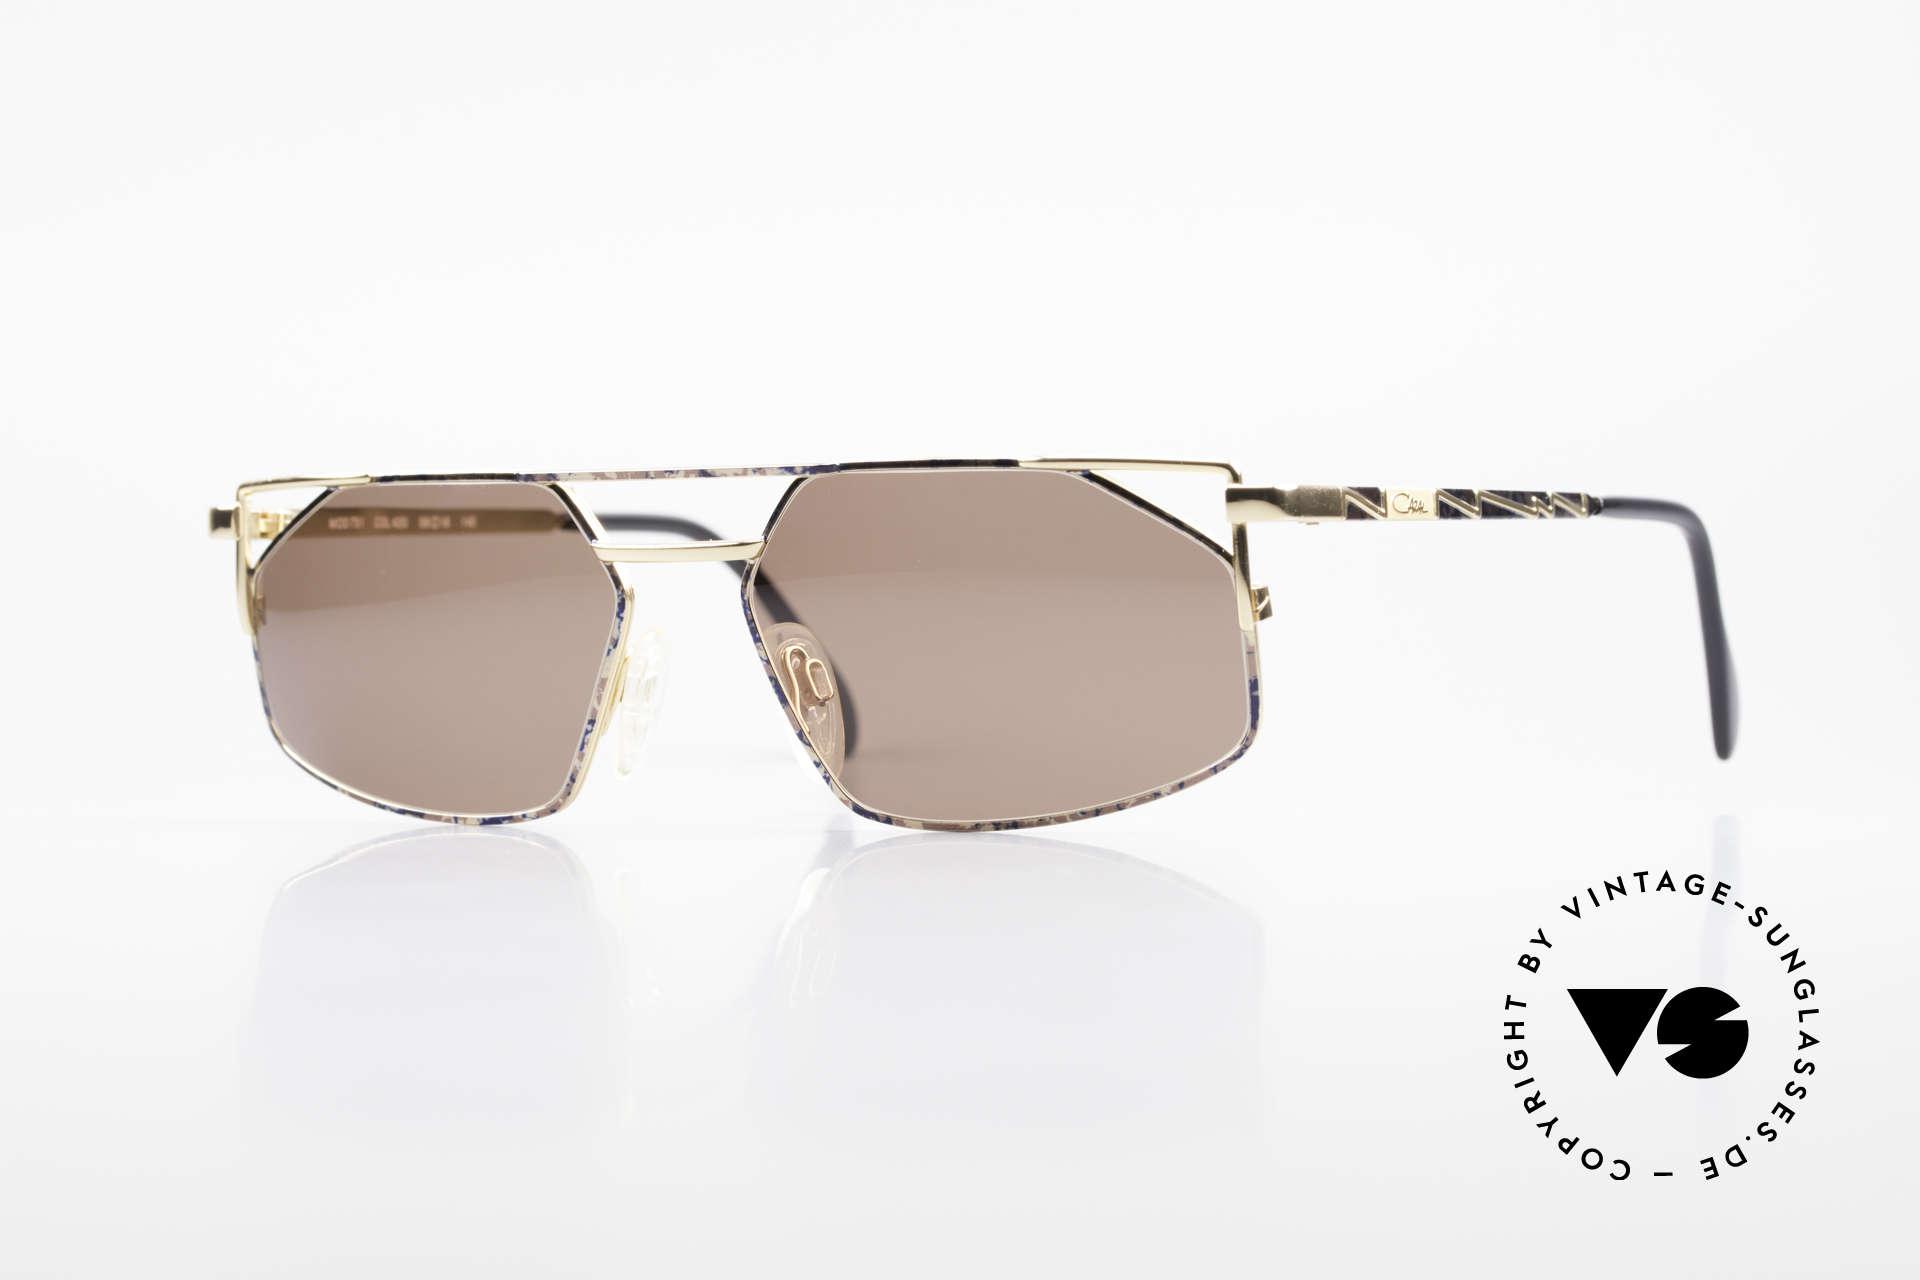 Cazal 751 Rare Vintage Designerbrille, rare Cazal Sonnenbrille in Top-Qualität von 1993/94, Passend für Herren